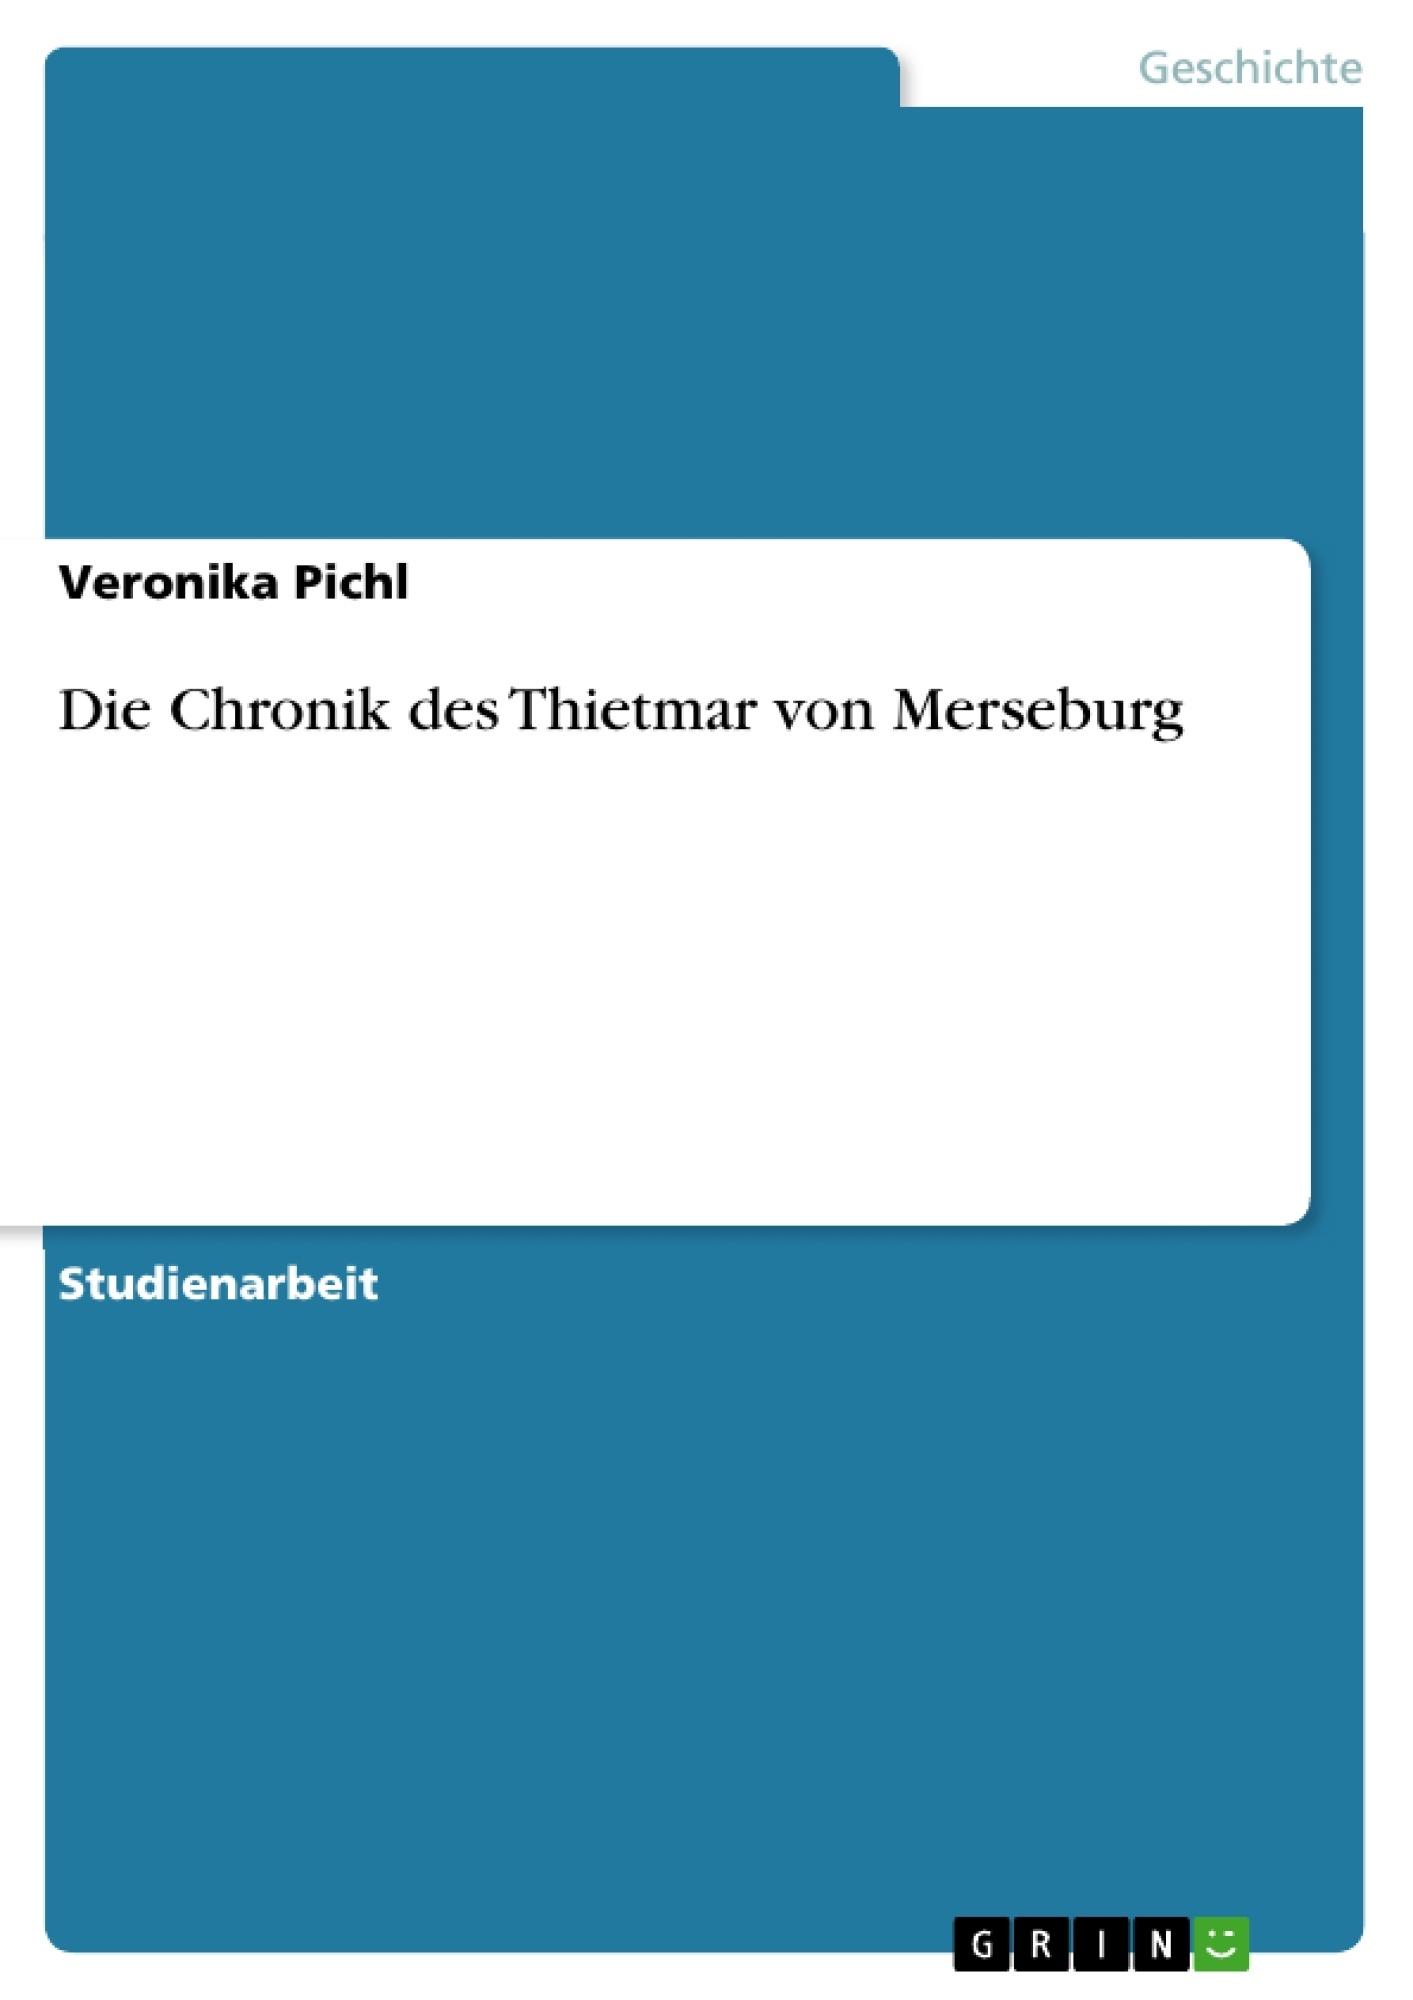 Titel: Die Chronik des Thietmar von Merseburg